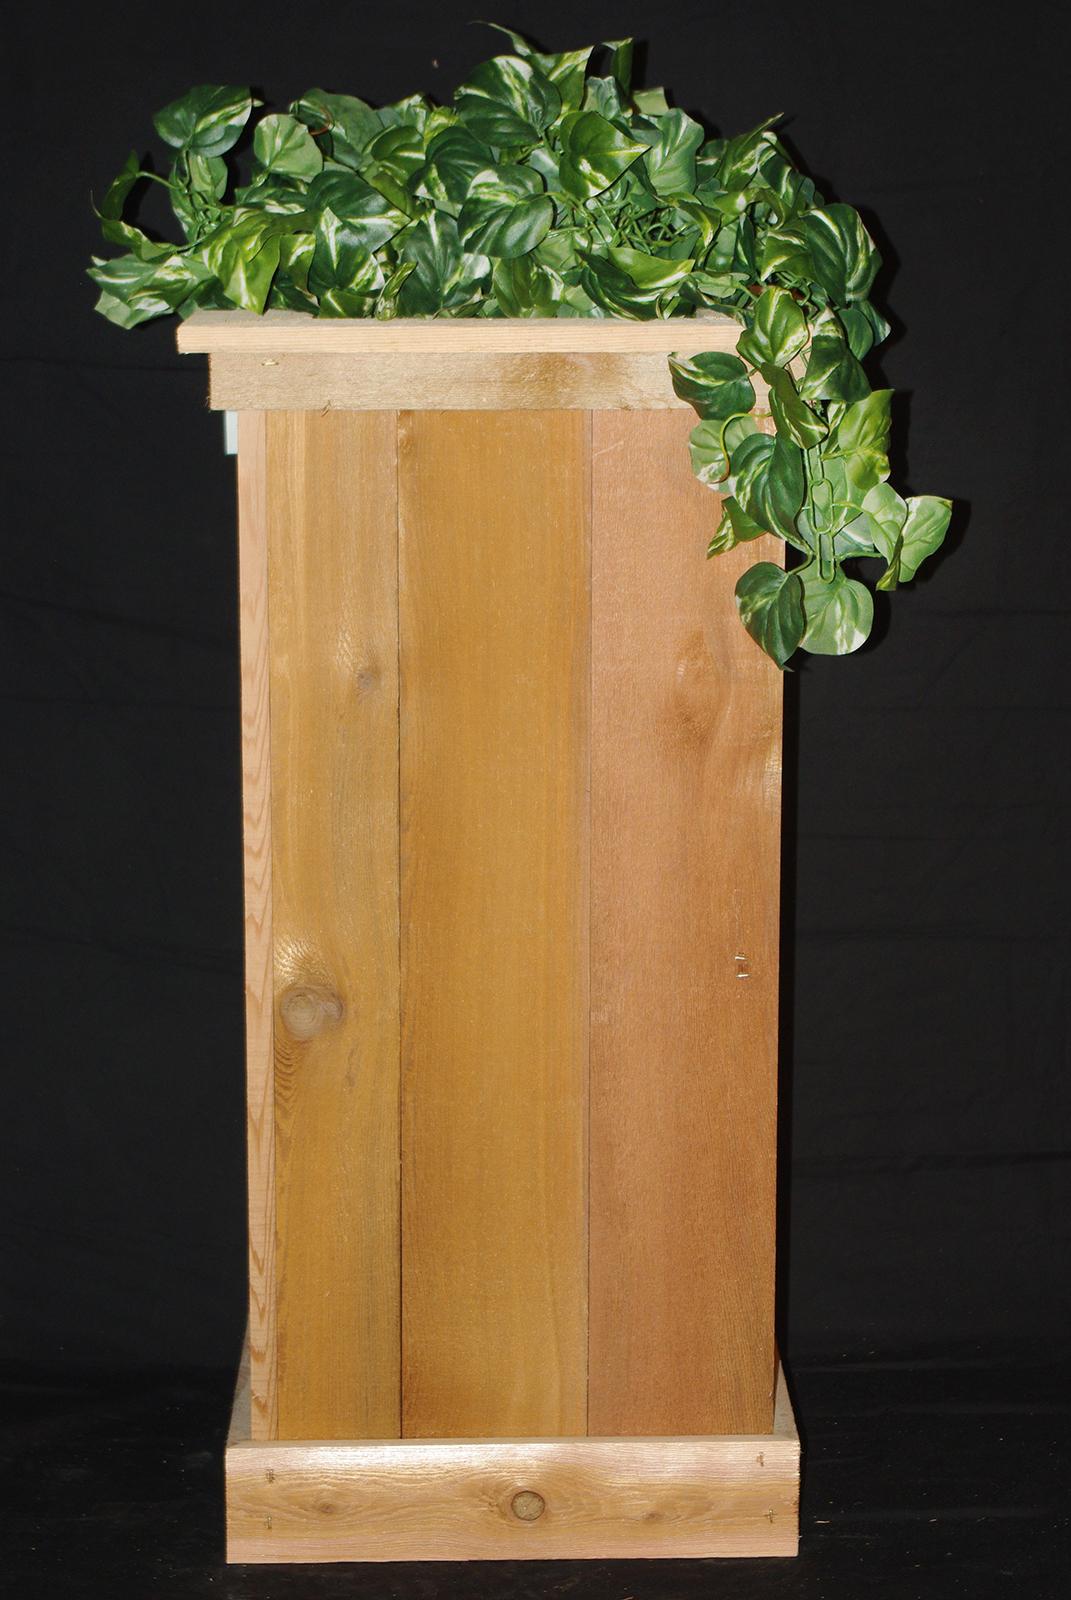 revistarecrearte planter cedar plans com box fresh